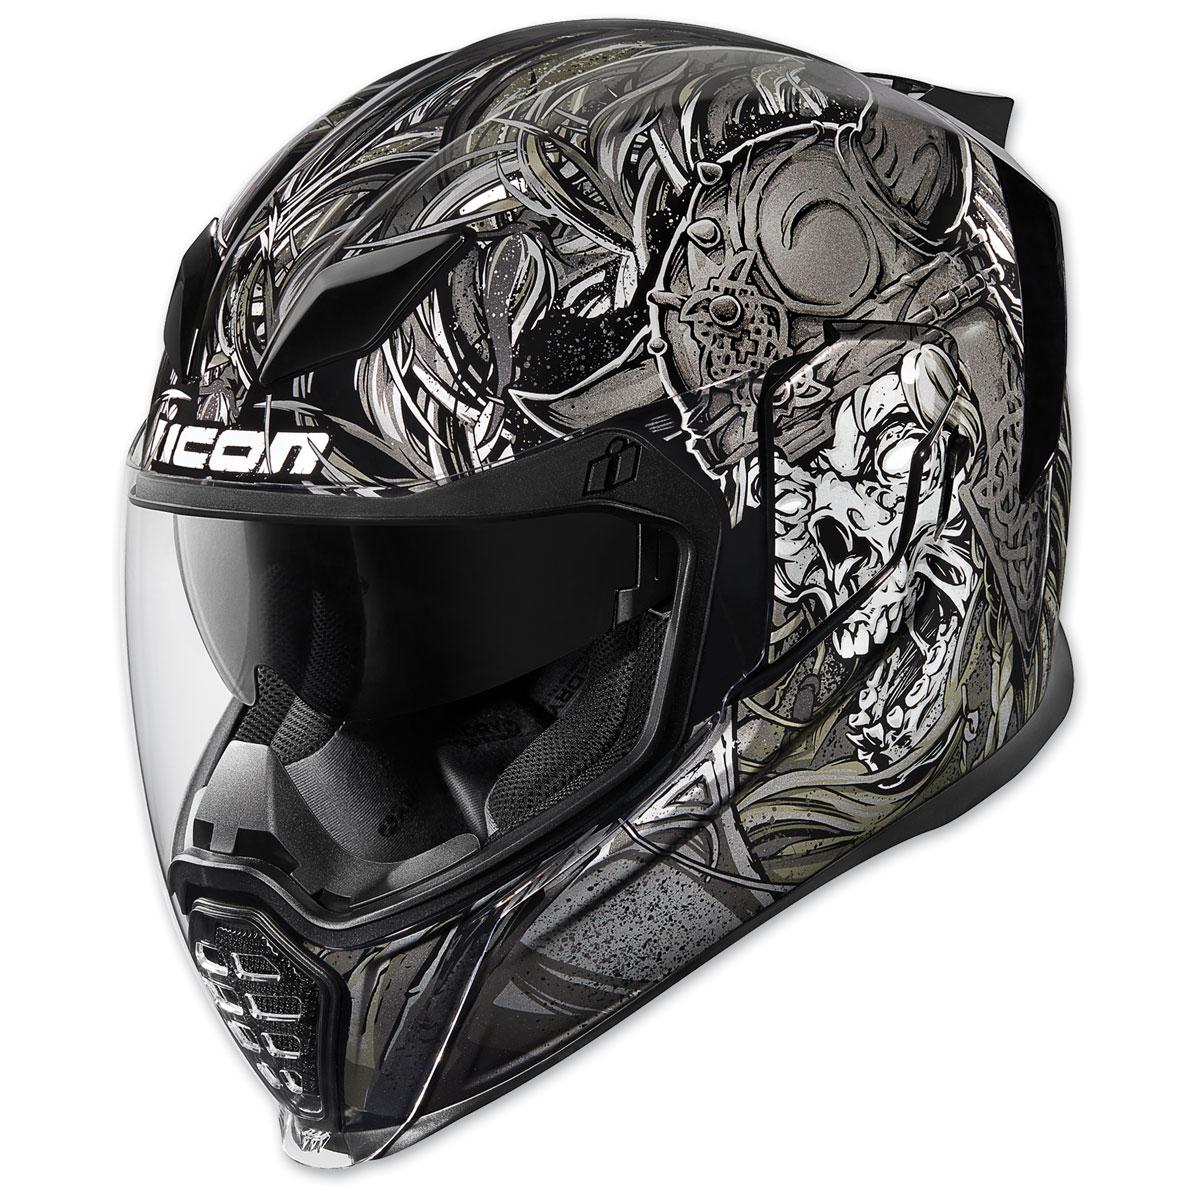 ICON Airflite Krom Black Full Face Helmet